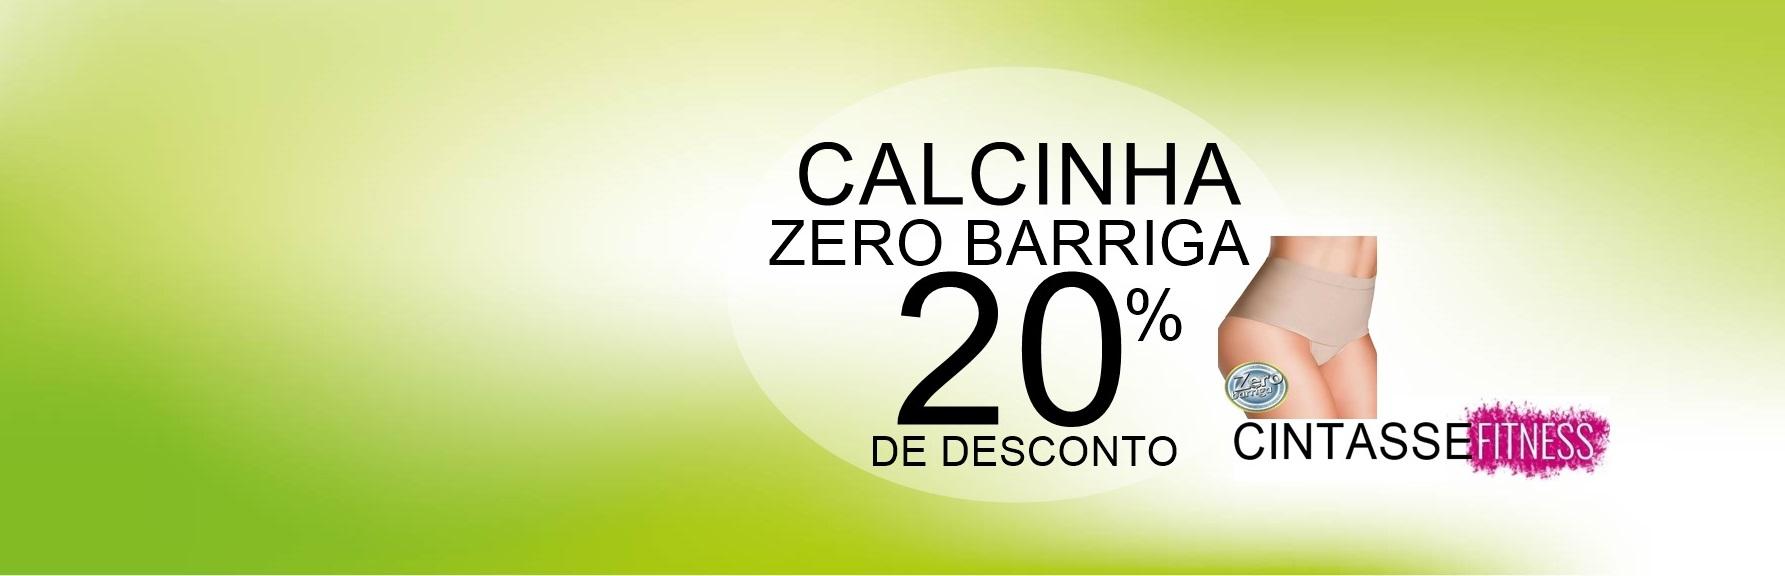 CALCINHA